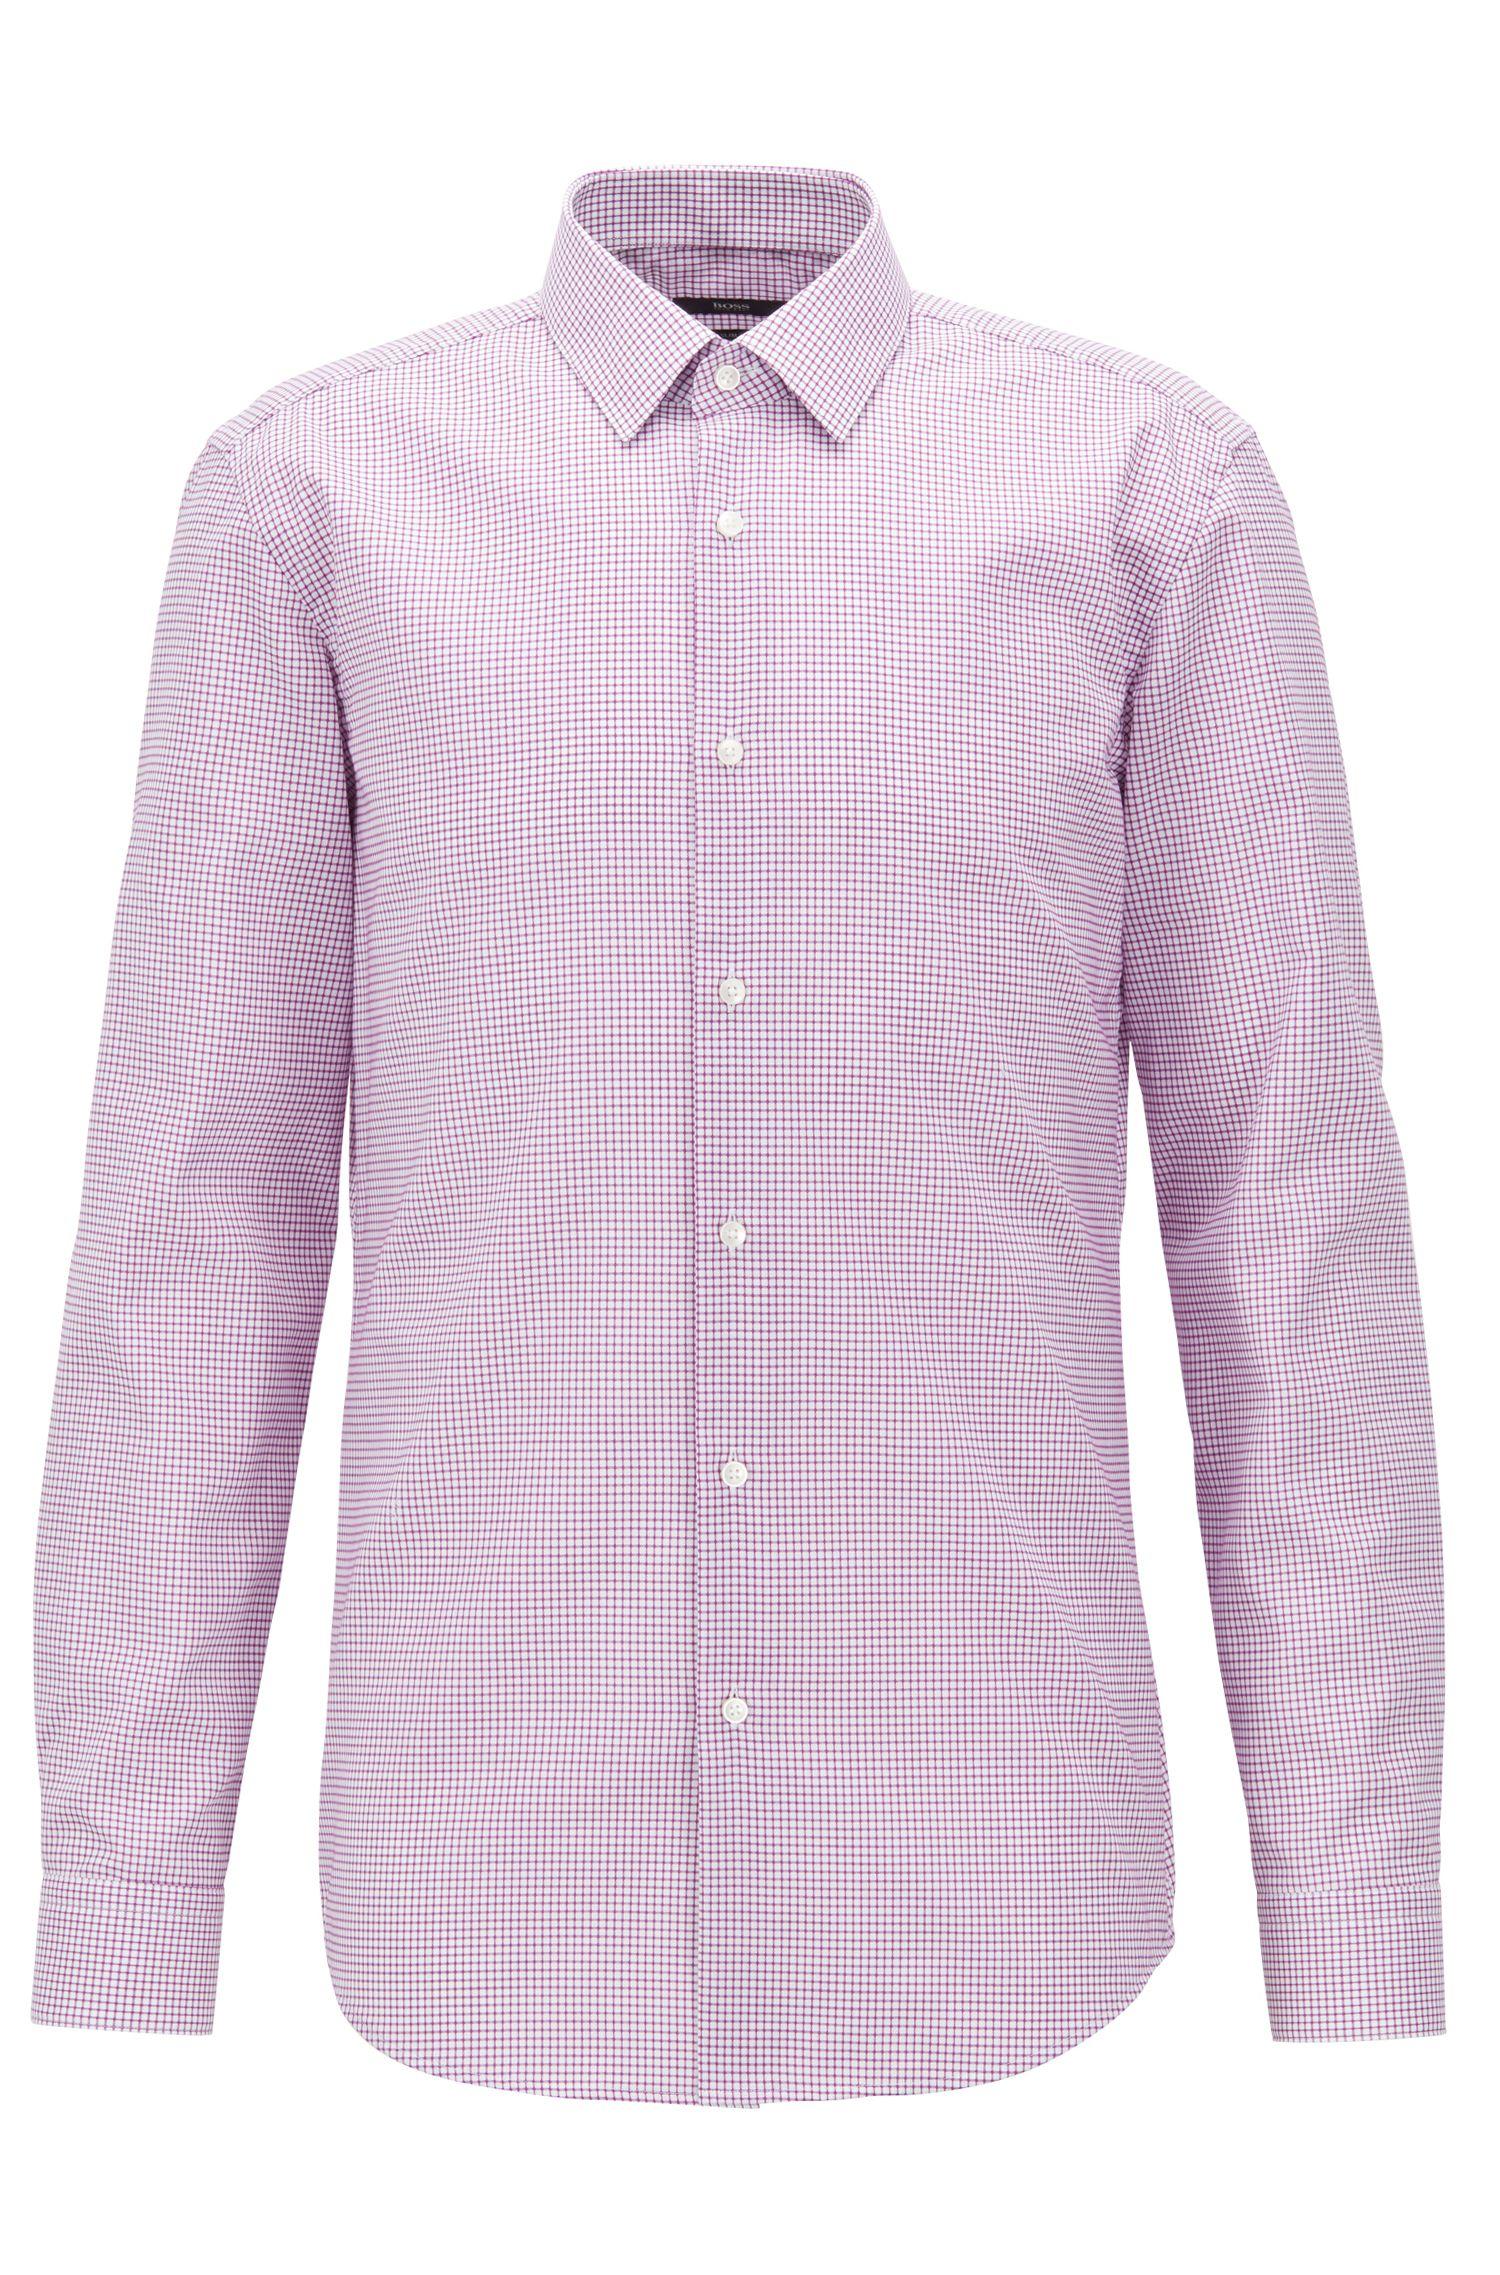 Slim-fit shirt in easy-iron checked cotton poplin, Dark pink